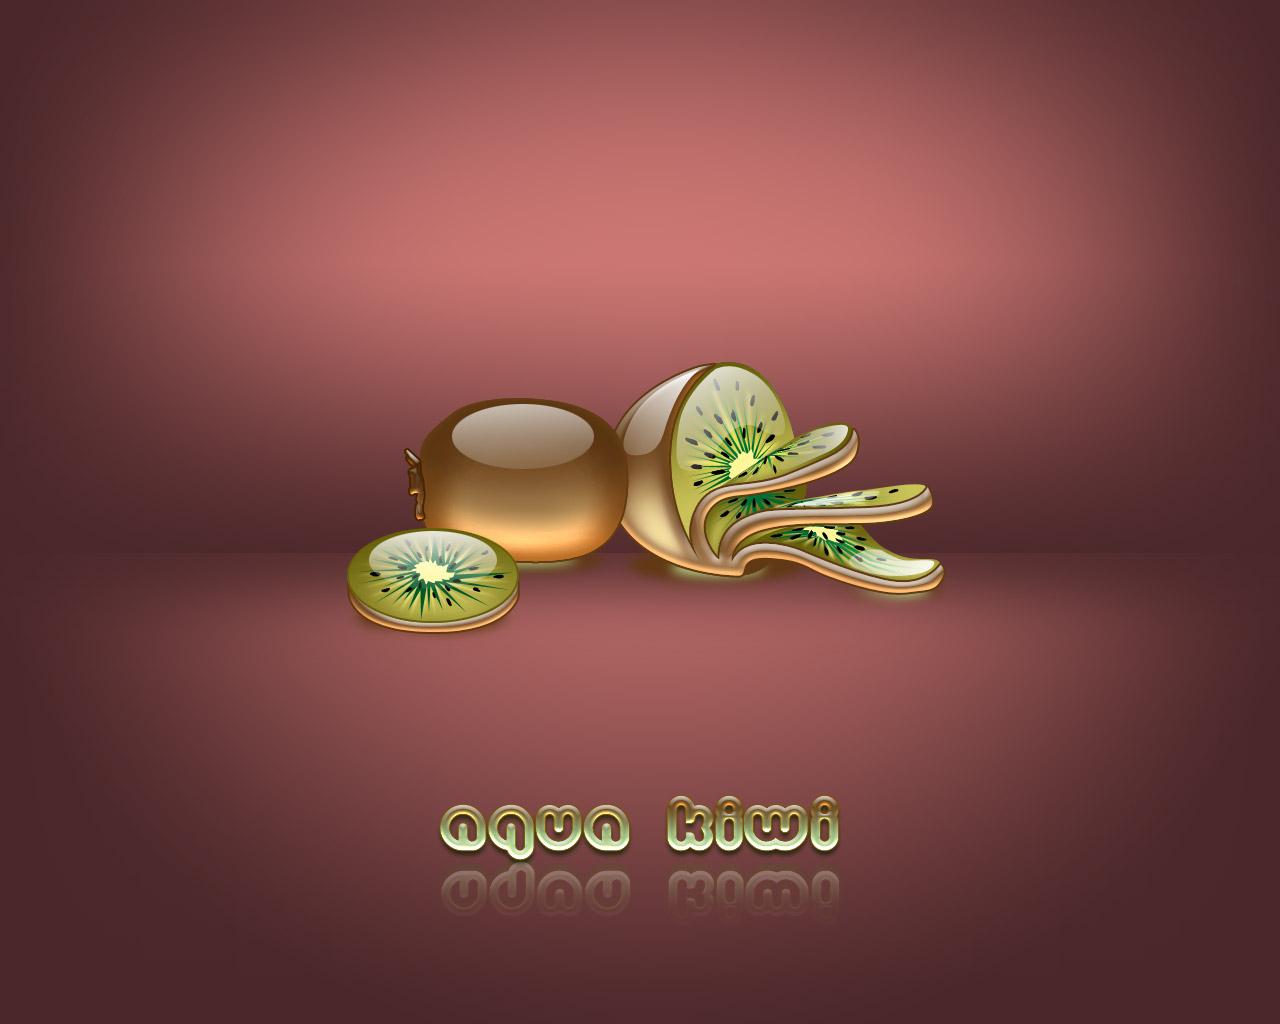 http://4.bp.blogspot.com/-ckiw9q0SarU/TmOAAb-wX9I/AAAAAAAAFjY/s1GW09qhgUo/s1600/Aqua+Kiwi+15.jpg